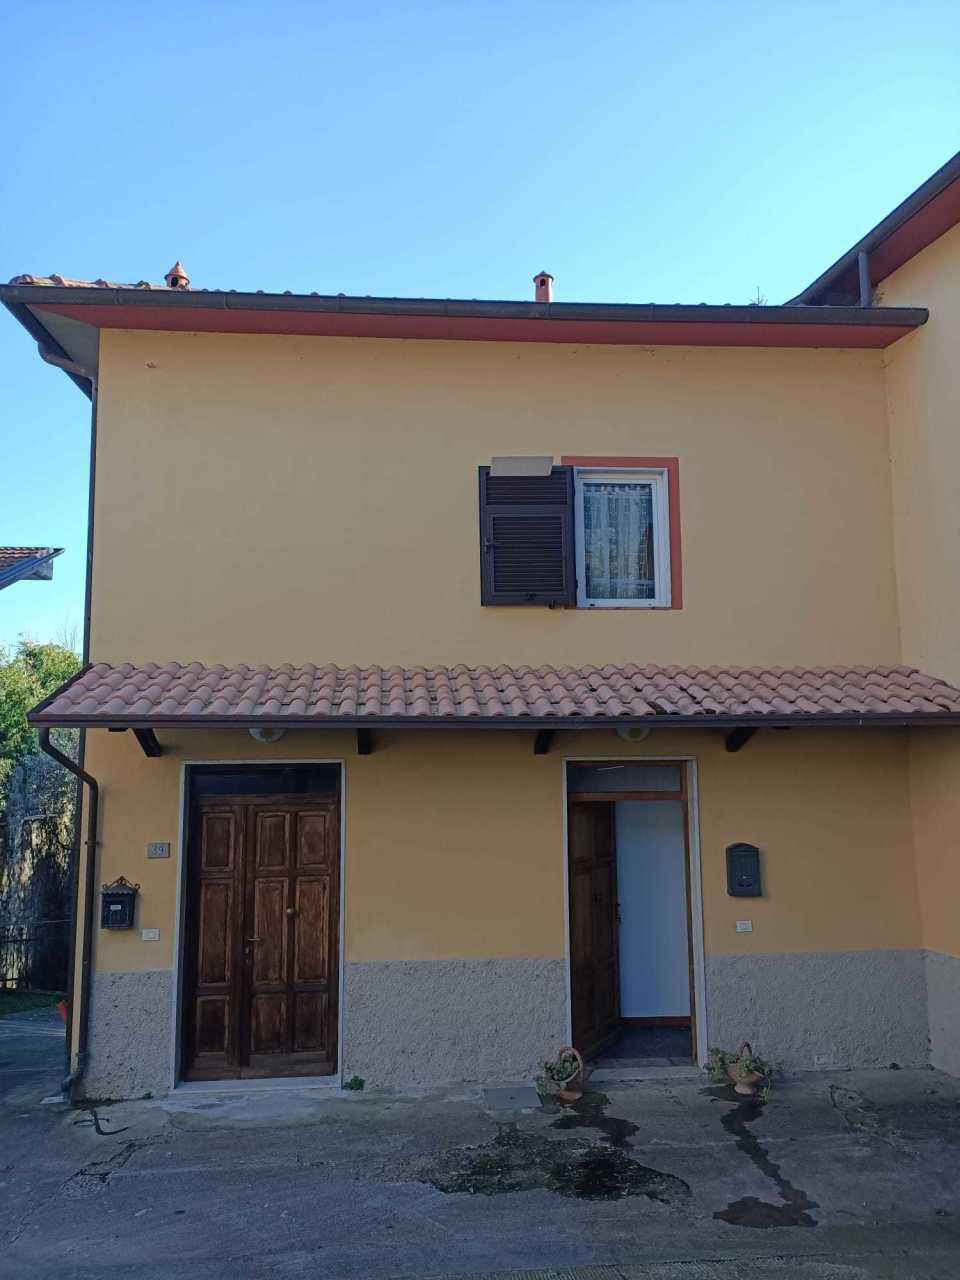 Soluzione Semindipendente in vendita a Mulazzo, 3 locali, prezzo € 46.000   PortaleAgenzieImmobiliari.it